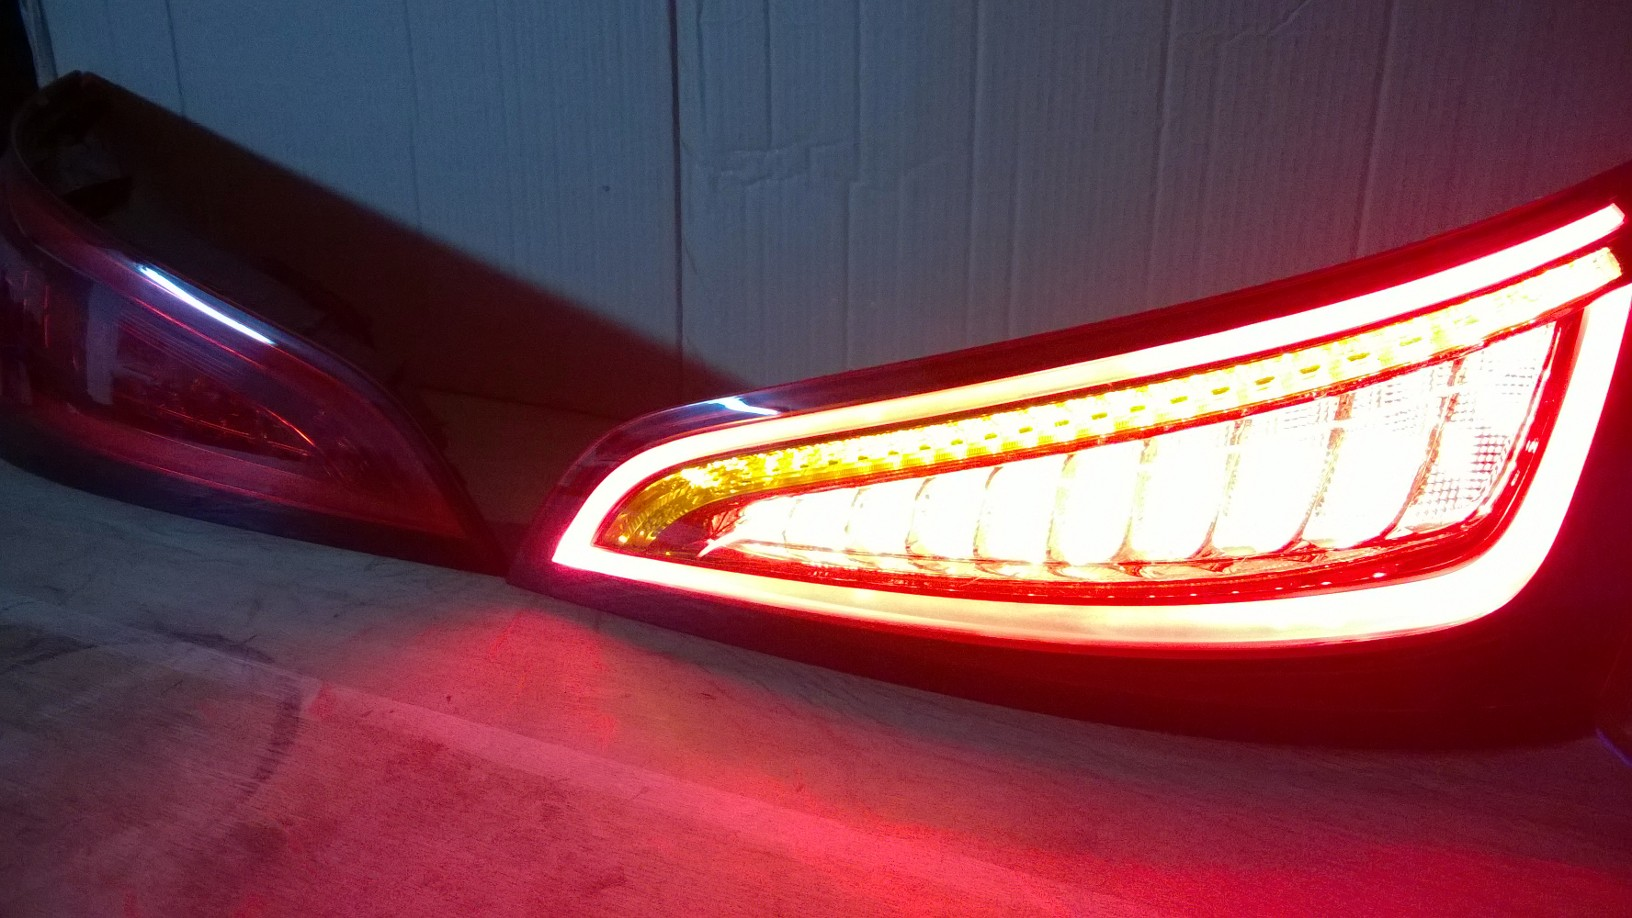 Reparatur von lampen audi q5 lift reparatur von for Lampen reparatur